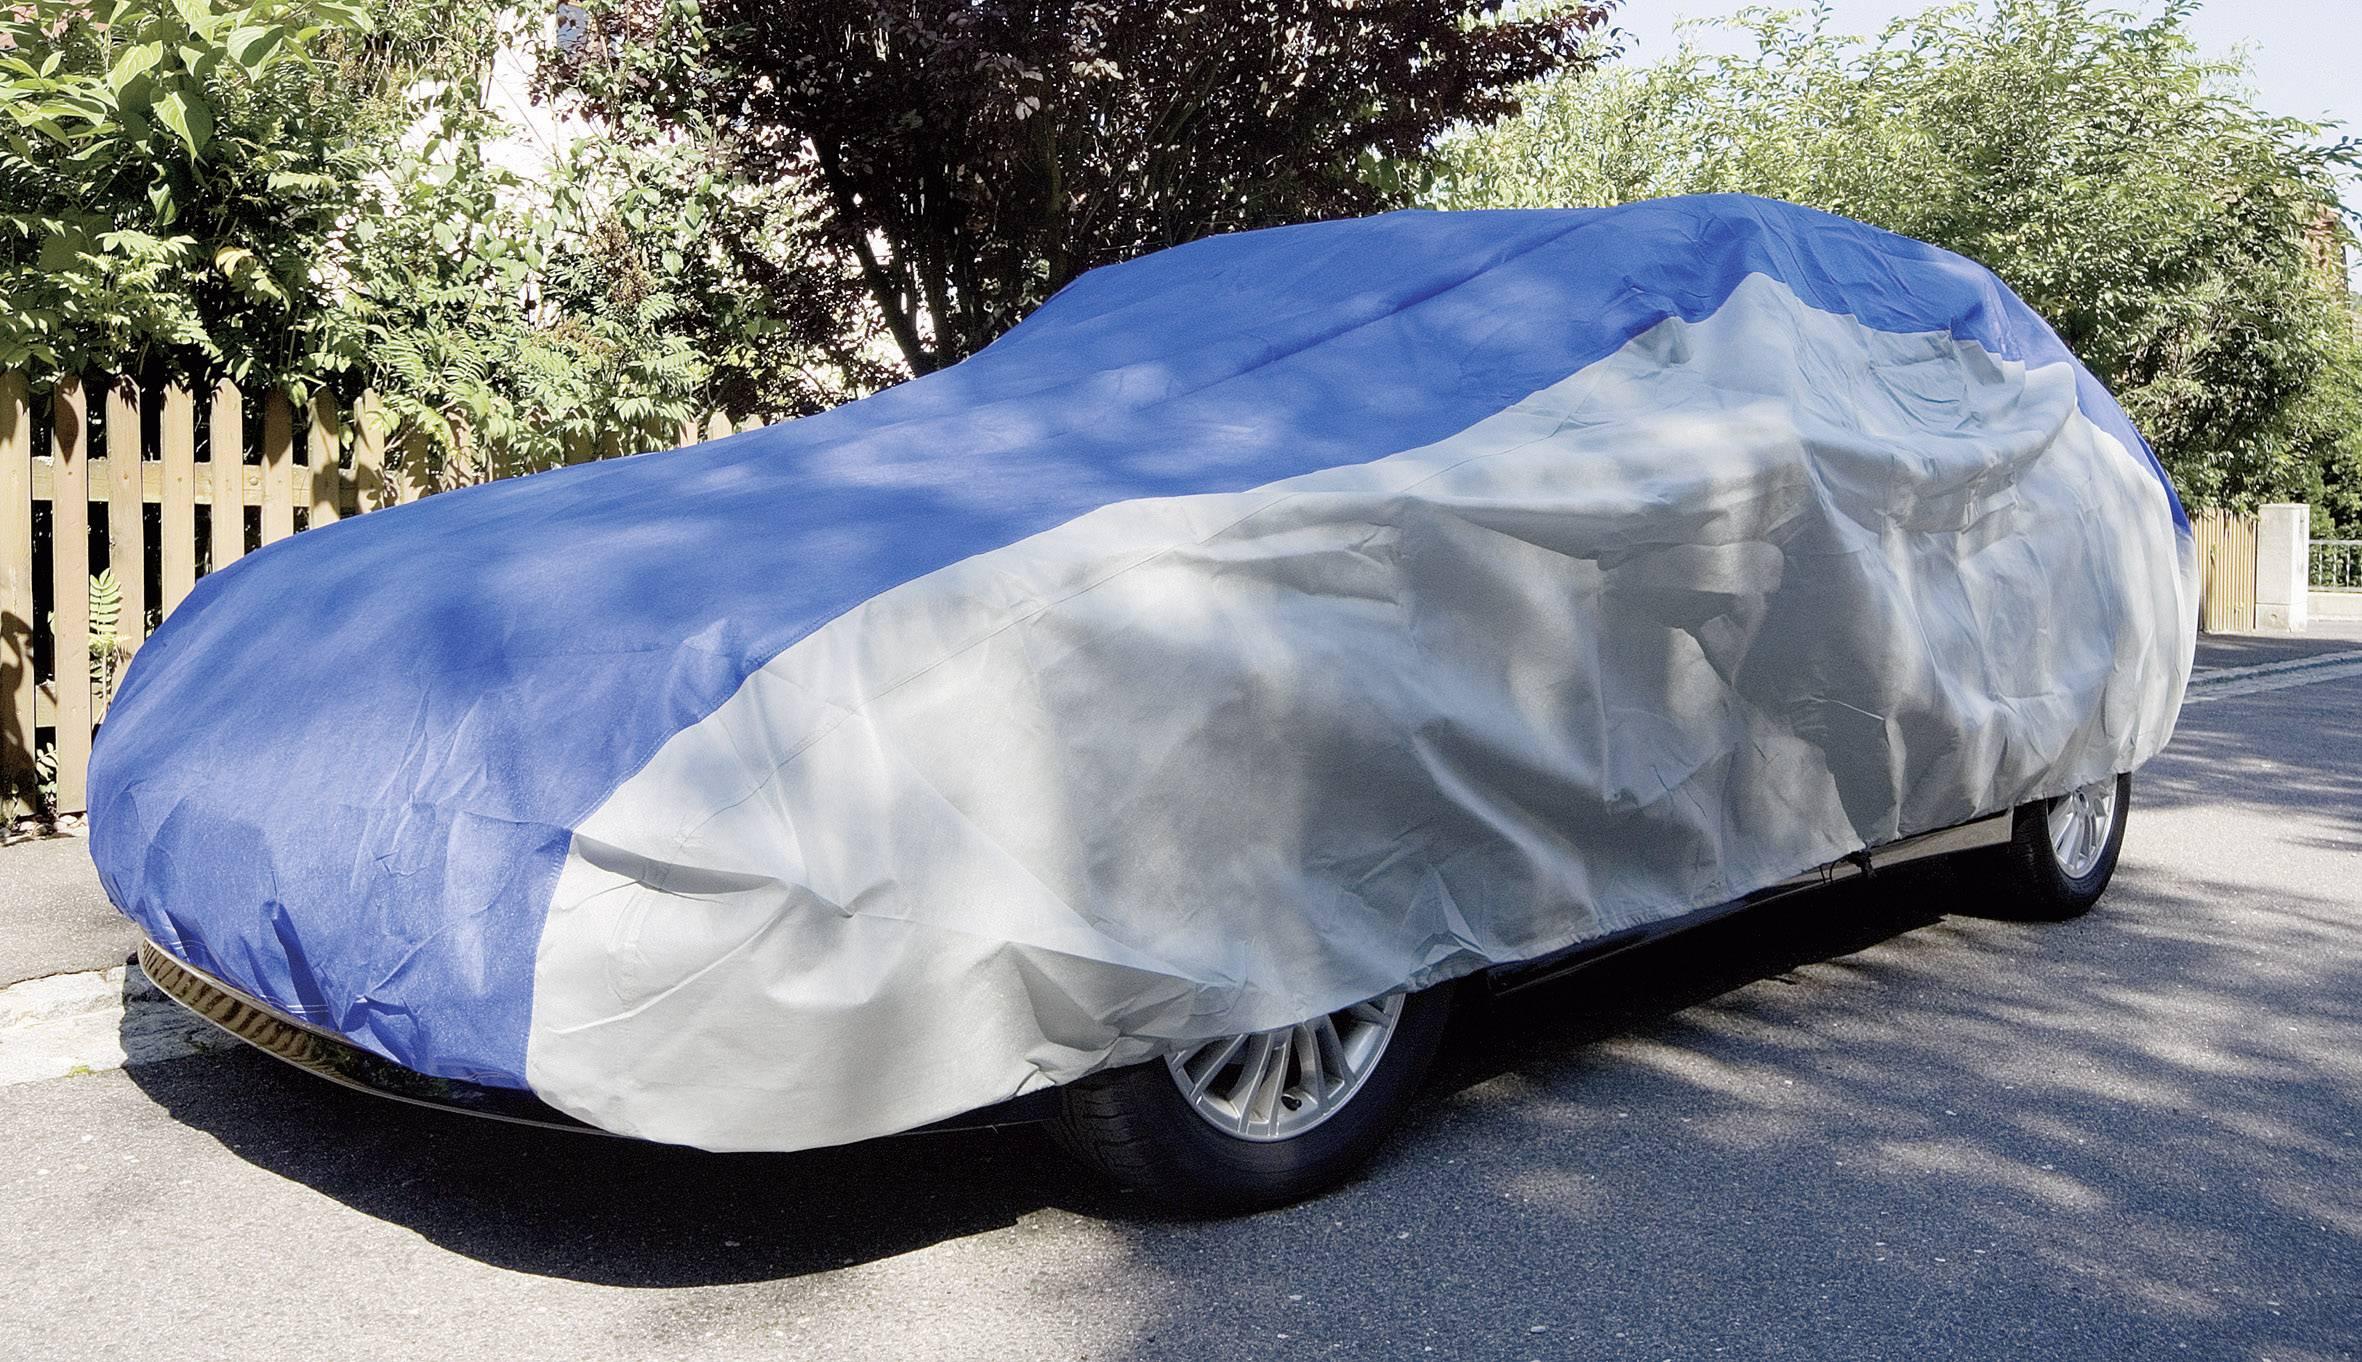 Plachty pro auta a karavany